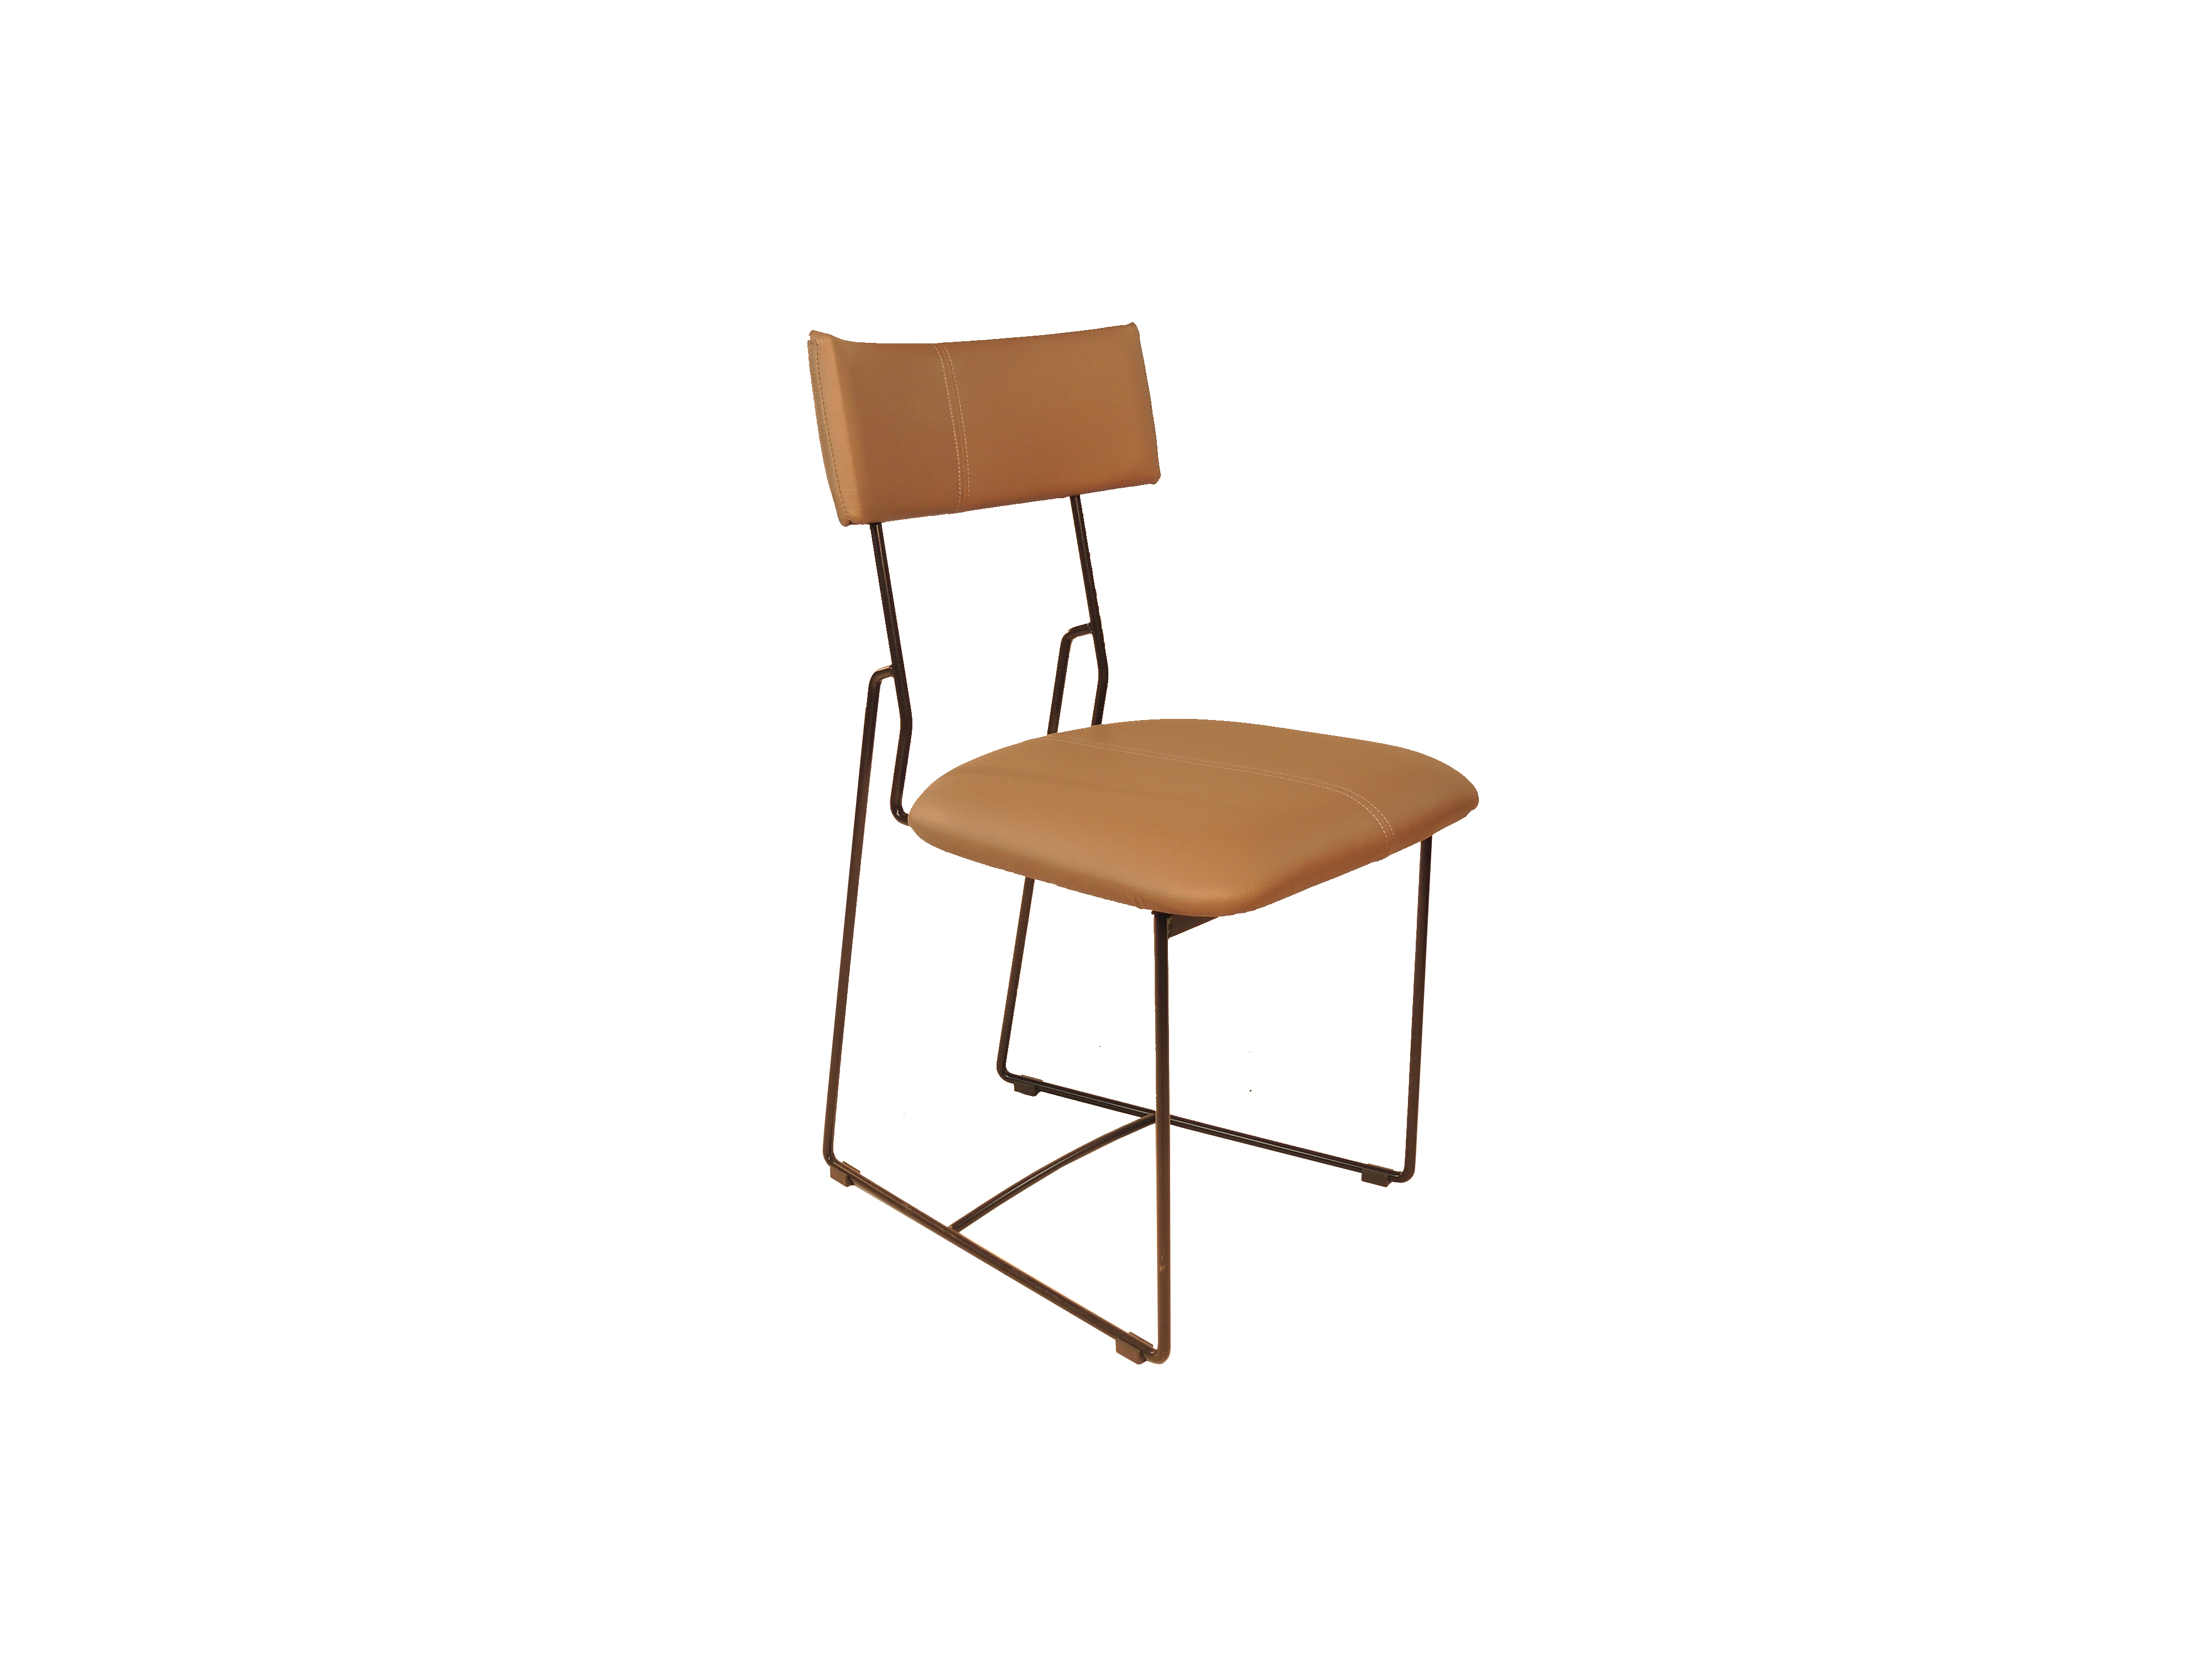 Snip - Elegante stoel design